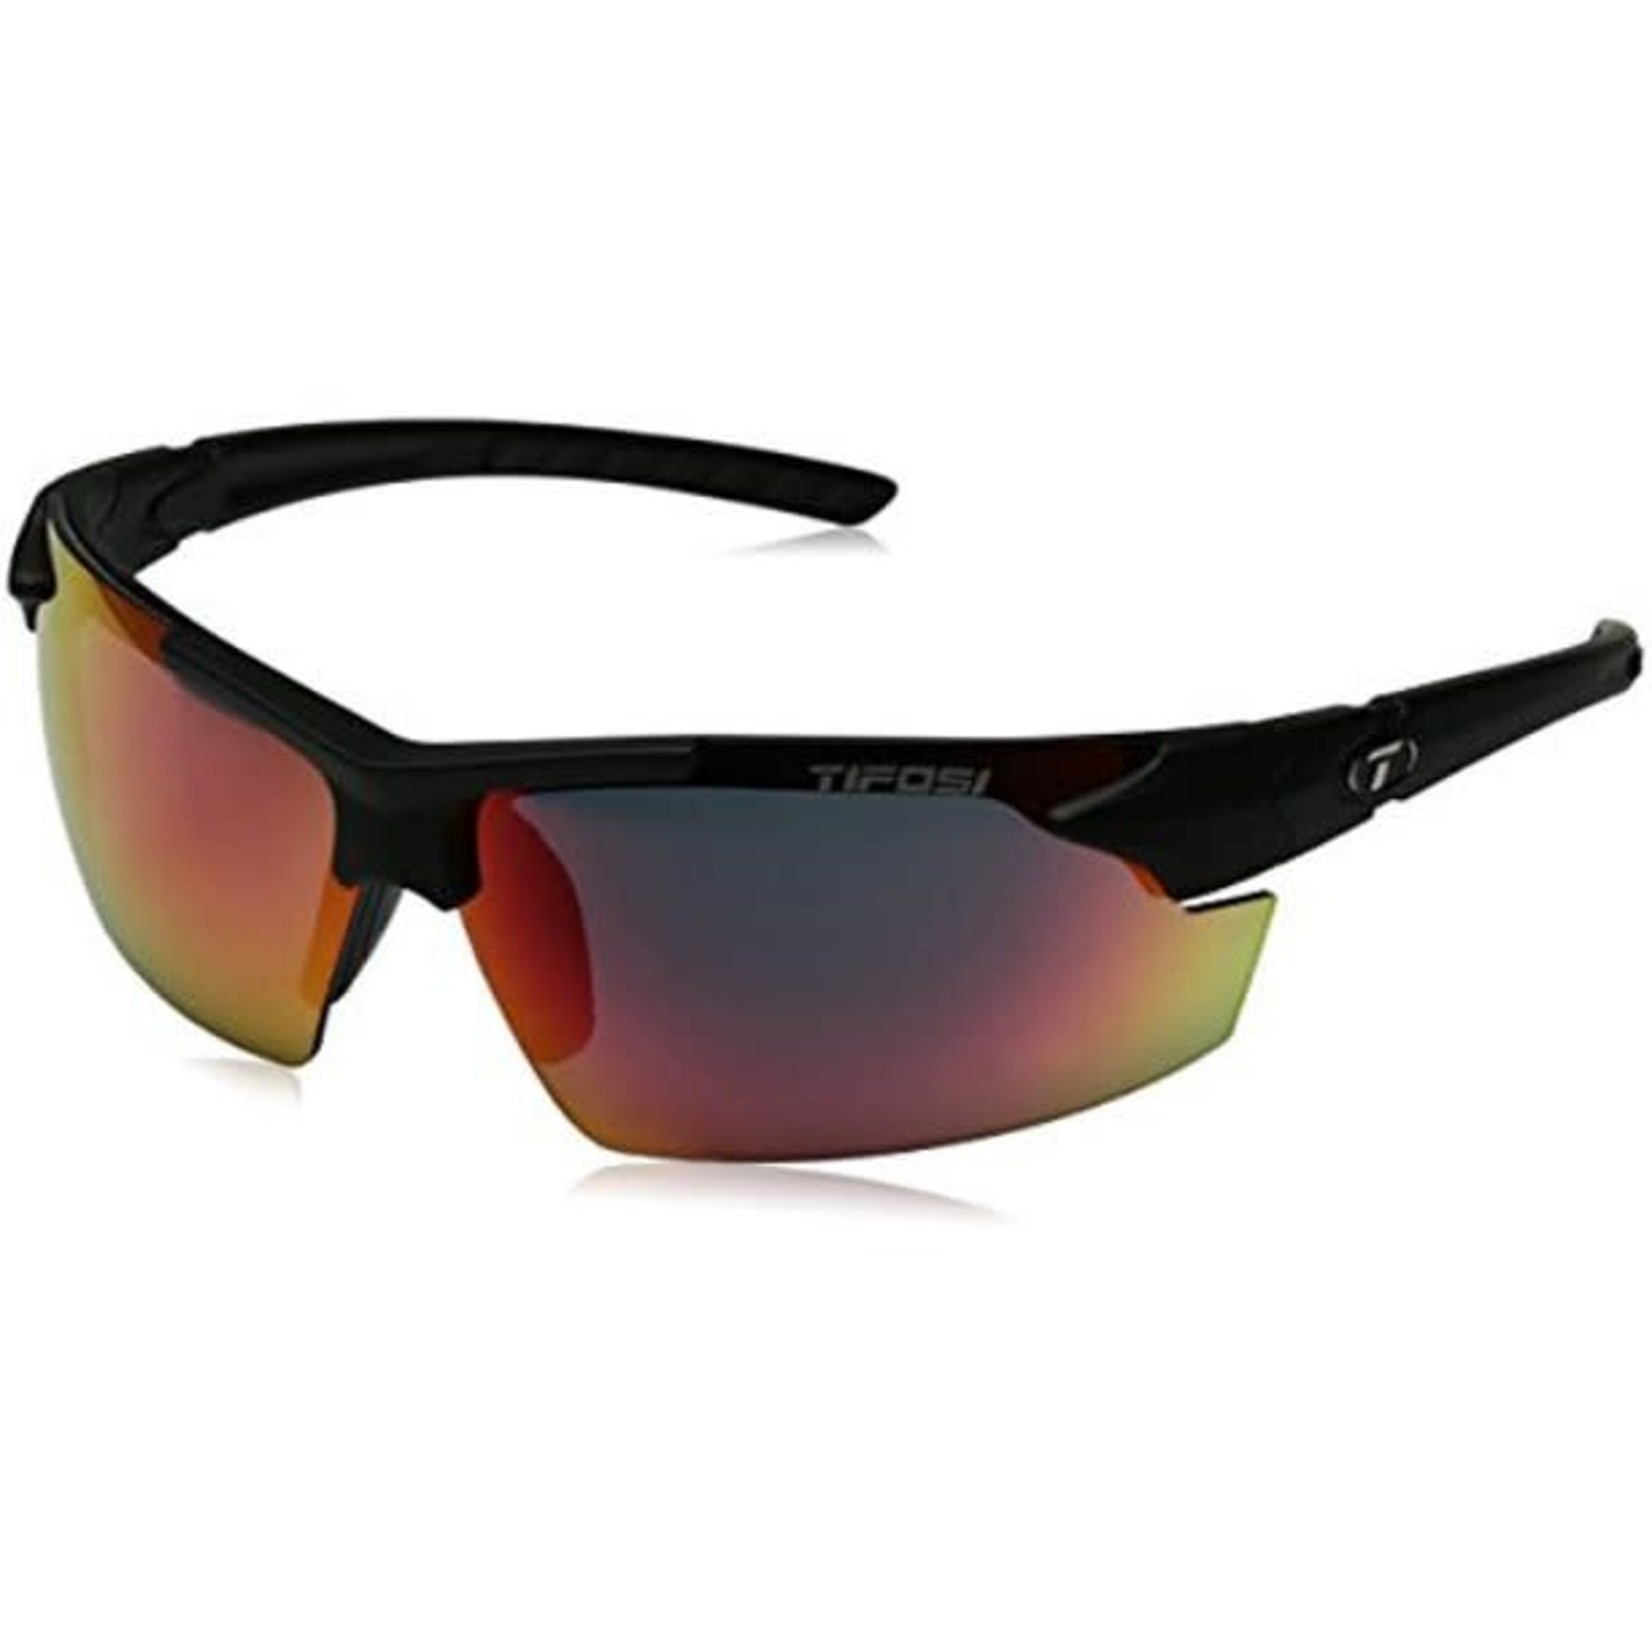 Tifosi Optics Jet FC, Matte Black Single Lens Sunglasses